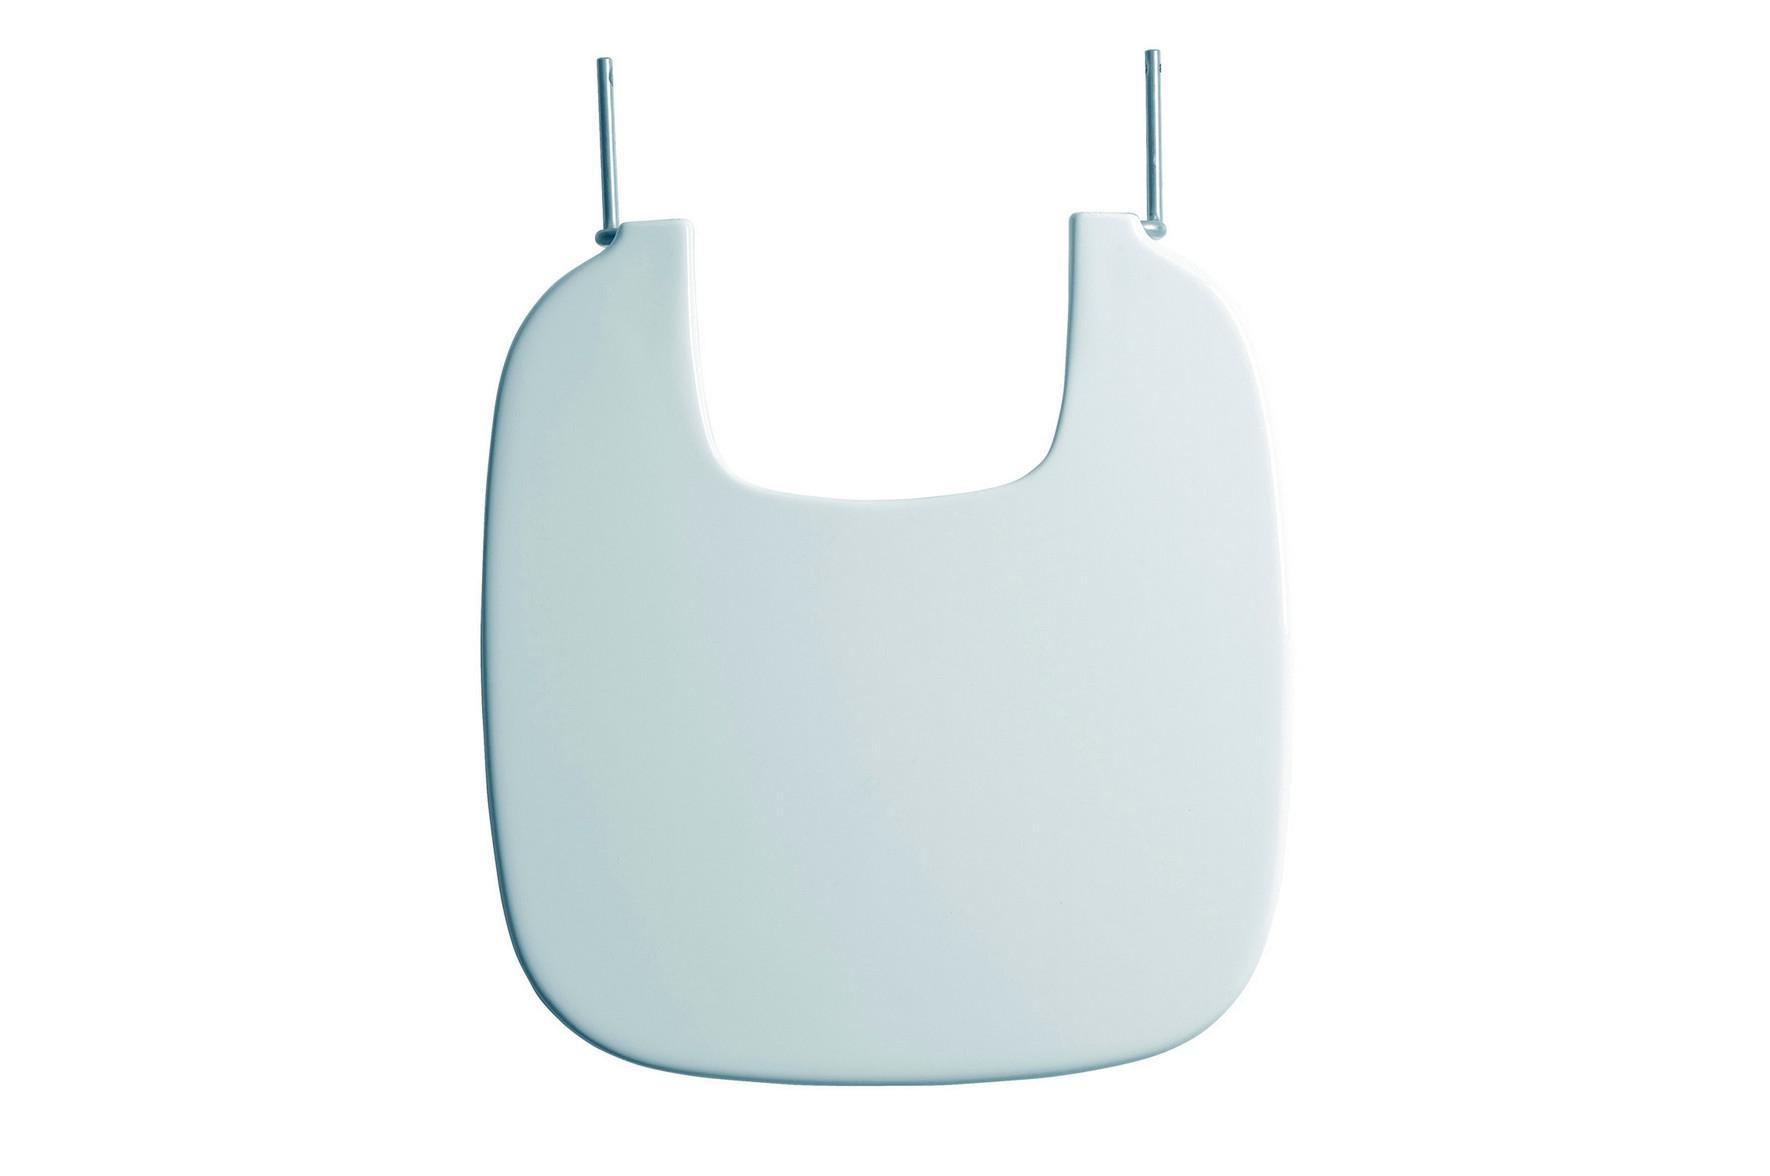 Крышка Gala 51590 супермаркет] [jingdong подушка ковыль 3 придерживались кнопки туалета теплого сиденье для унитаза крышка унитаза 1g5865